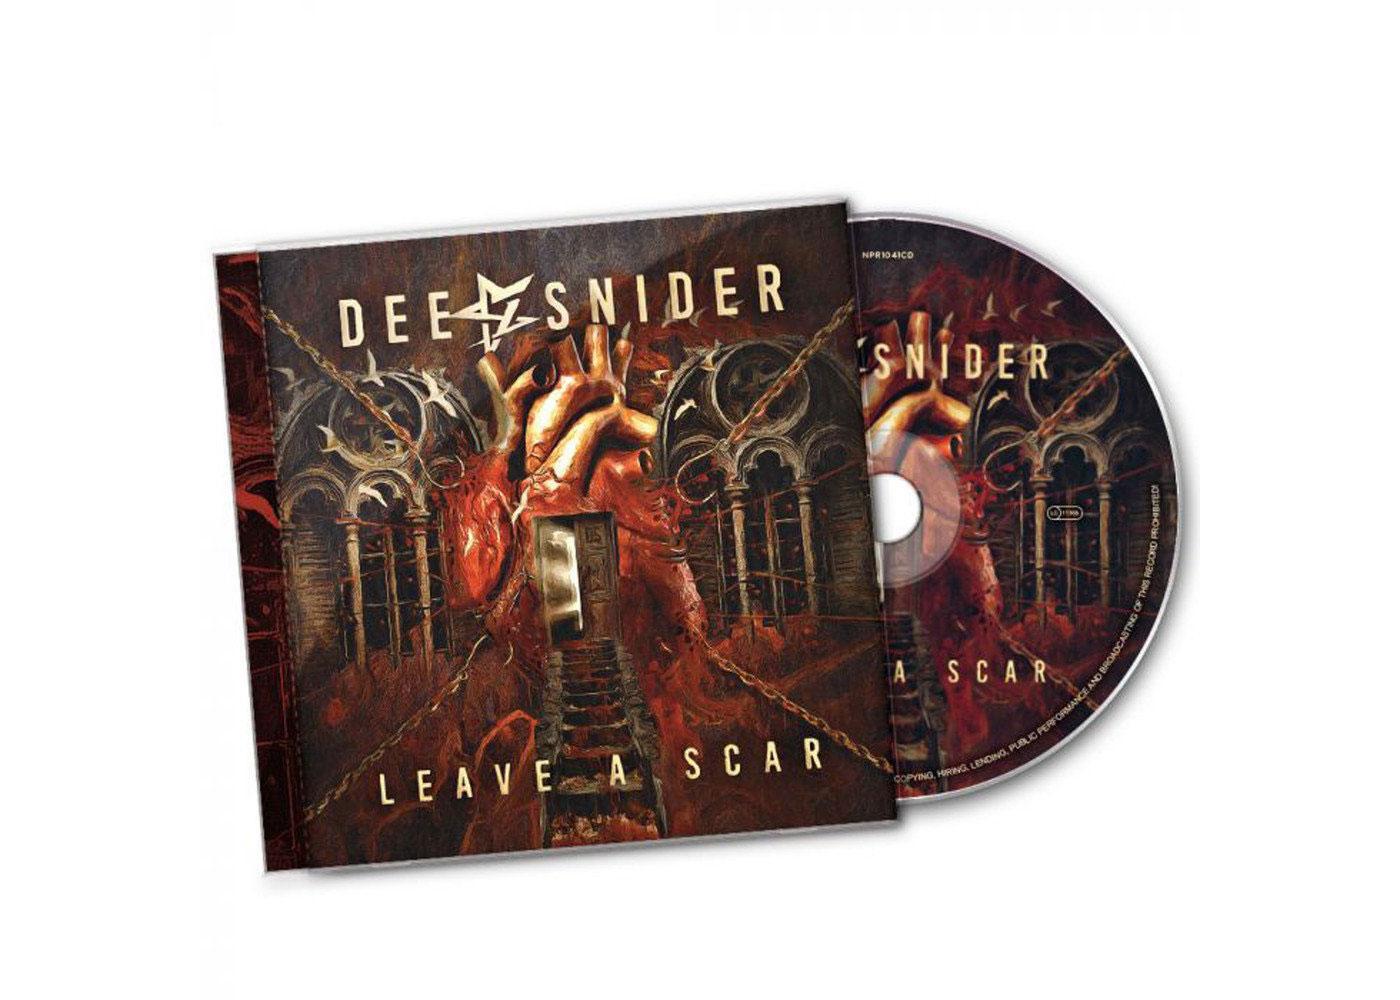 Dee Snider— «Leave ascar» 2021. Впечатления после первого прослушивания